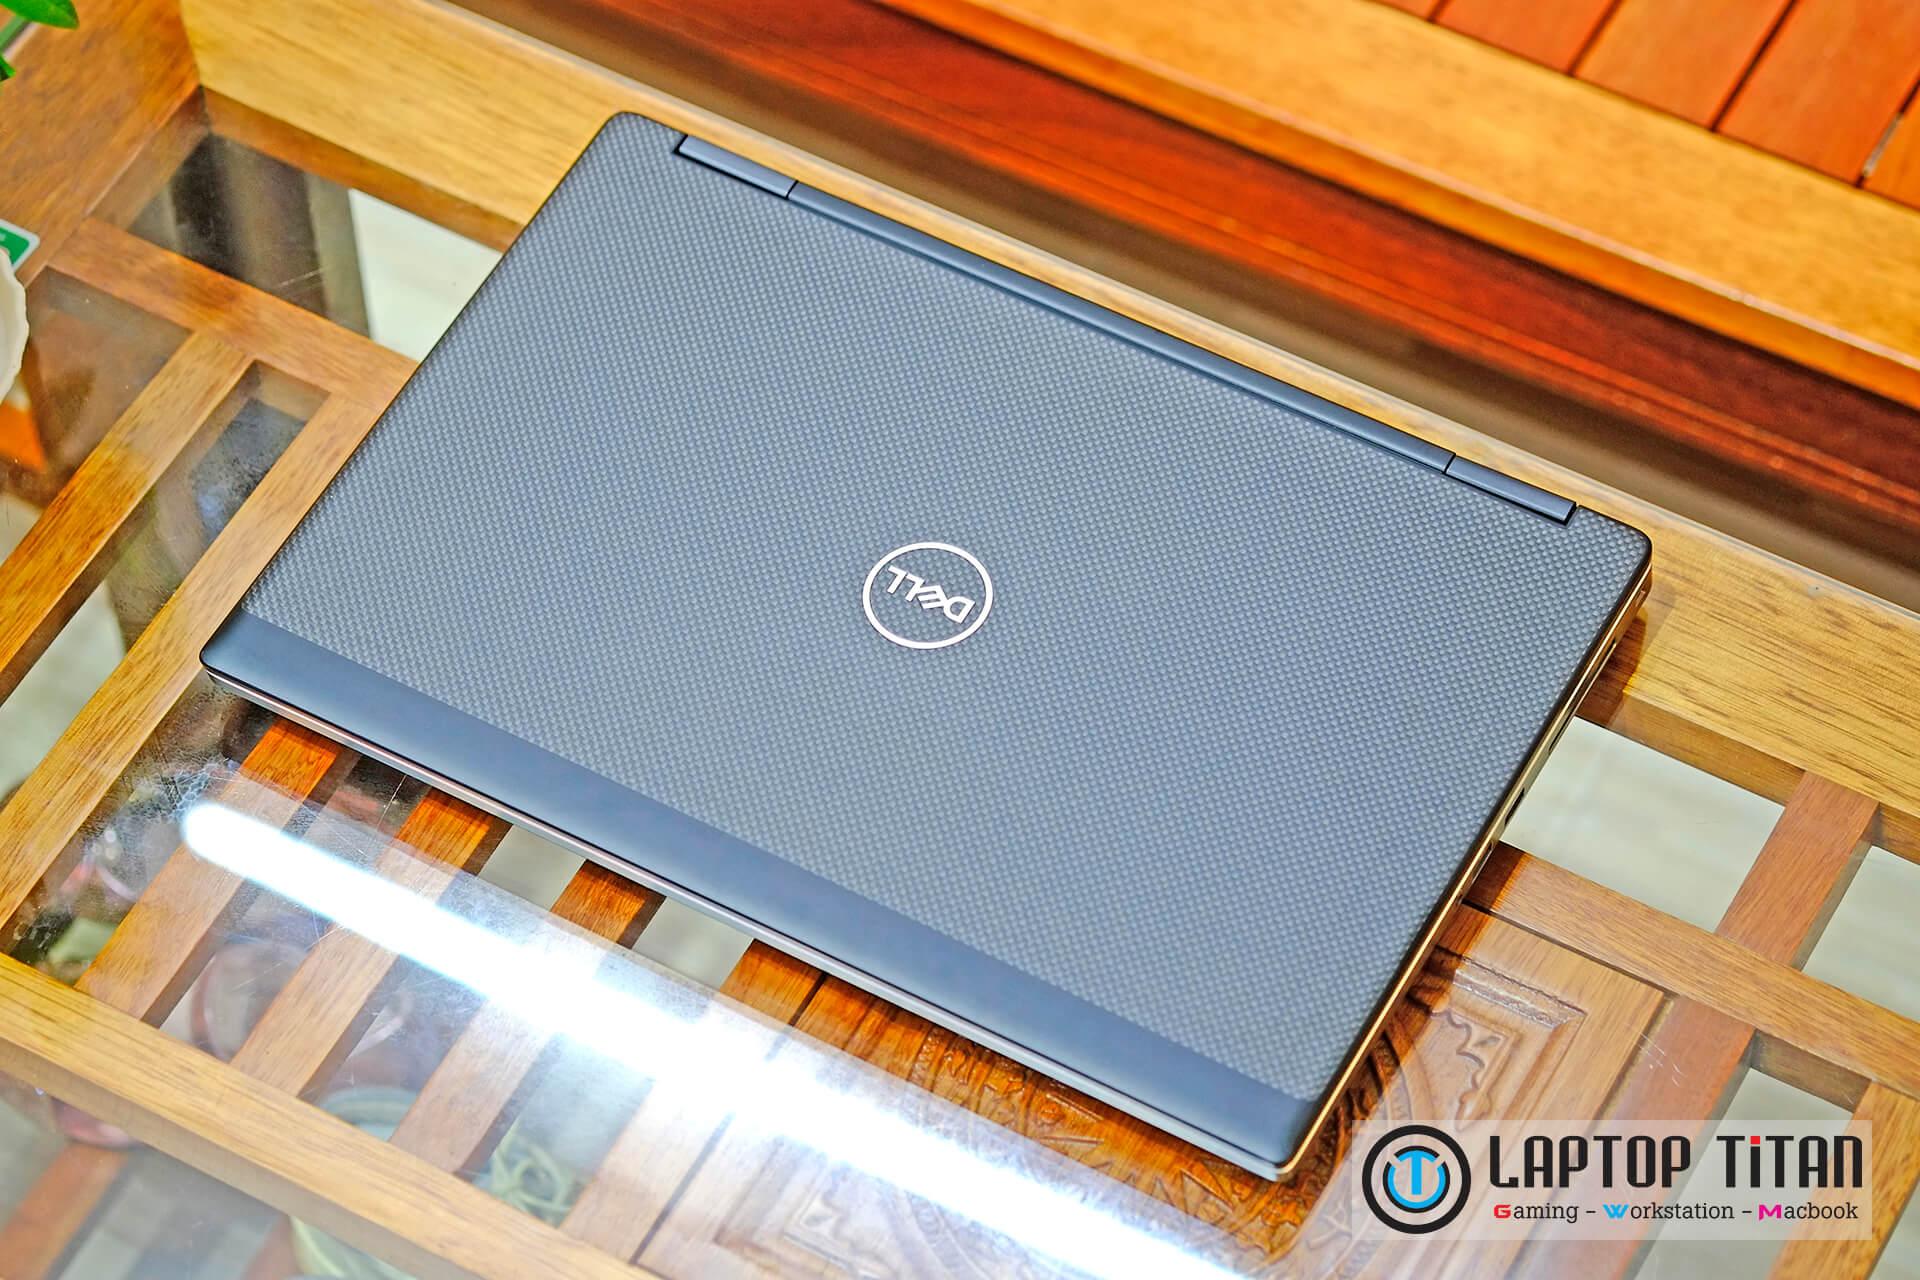 Dell Precision 7530 laptoptitan 02